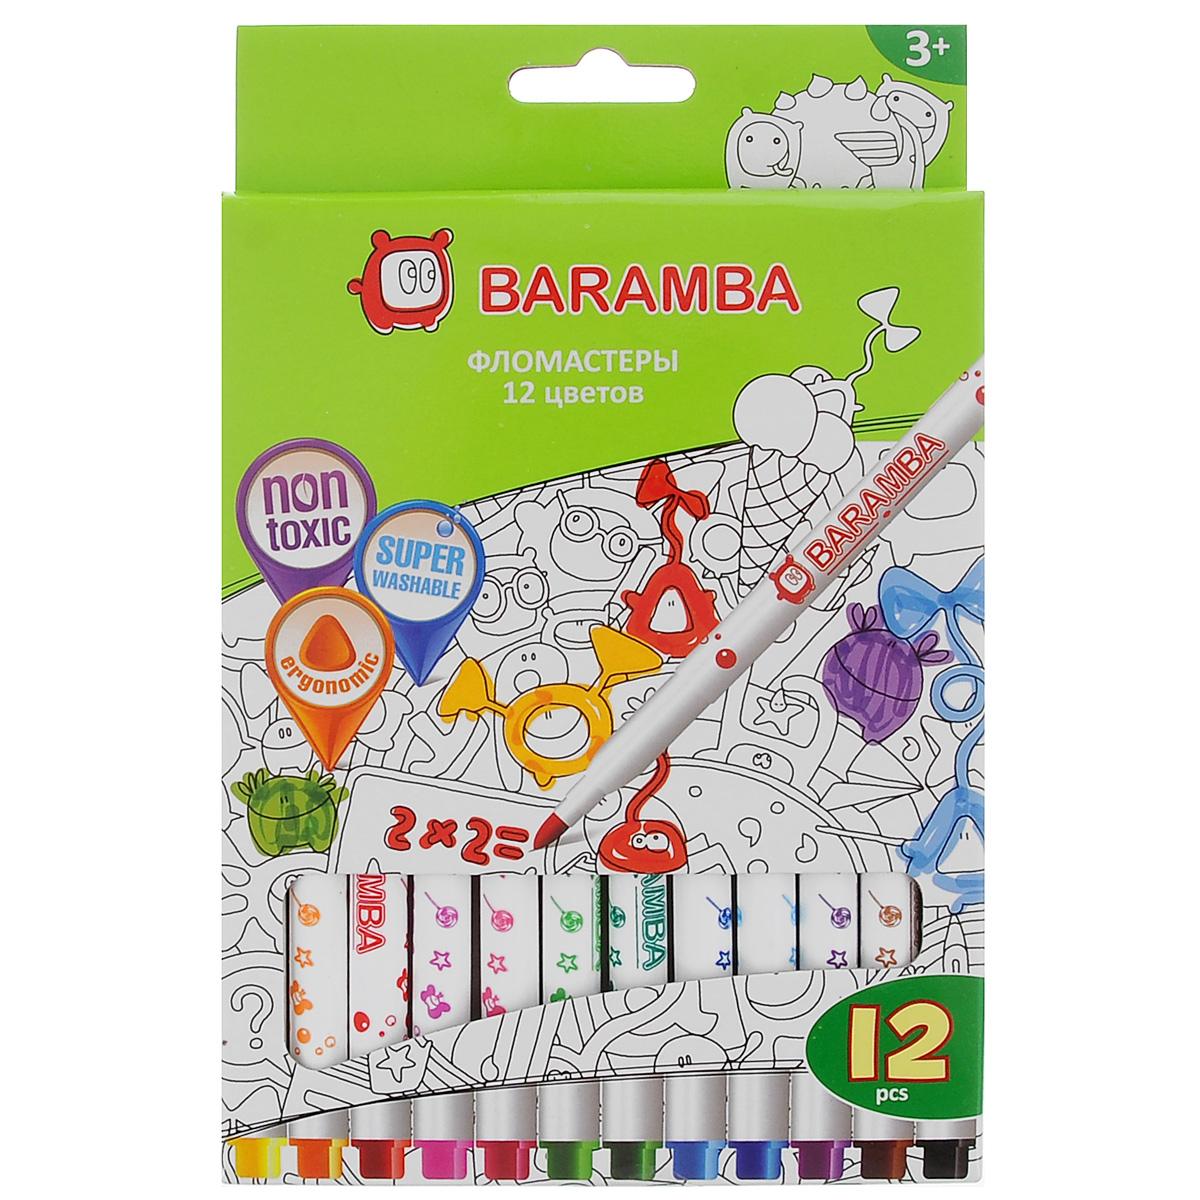 Набор фломастеров Baramba, 12 цветов72523WDФломастеры Baramba откроют юным художникам новые горизонты для творчества, а также помогут отлично развить мелкую моторику рук, цветовое восприятие, фантазию и воображение. Фломастеры на водной основе не токсичны и не содержат спирта. Фломастеры ярких насыщенных цветов легко отмываются от кожи рук теплой водой с мылом. Чернила без запаха не высыхают без колпачка более 5 недель! Комплект включает 12 фломастеров ярких насыщенных цветов.Не рекомендуется детям до 3-х лет.